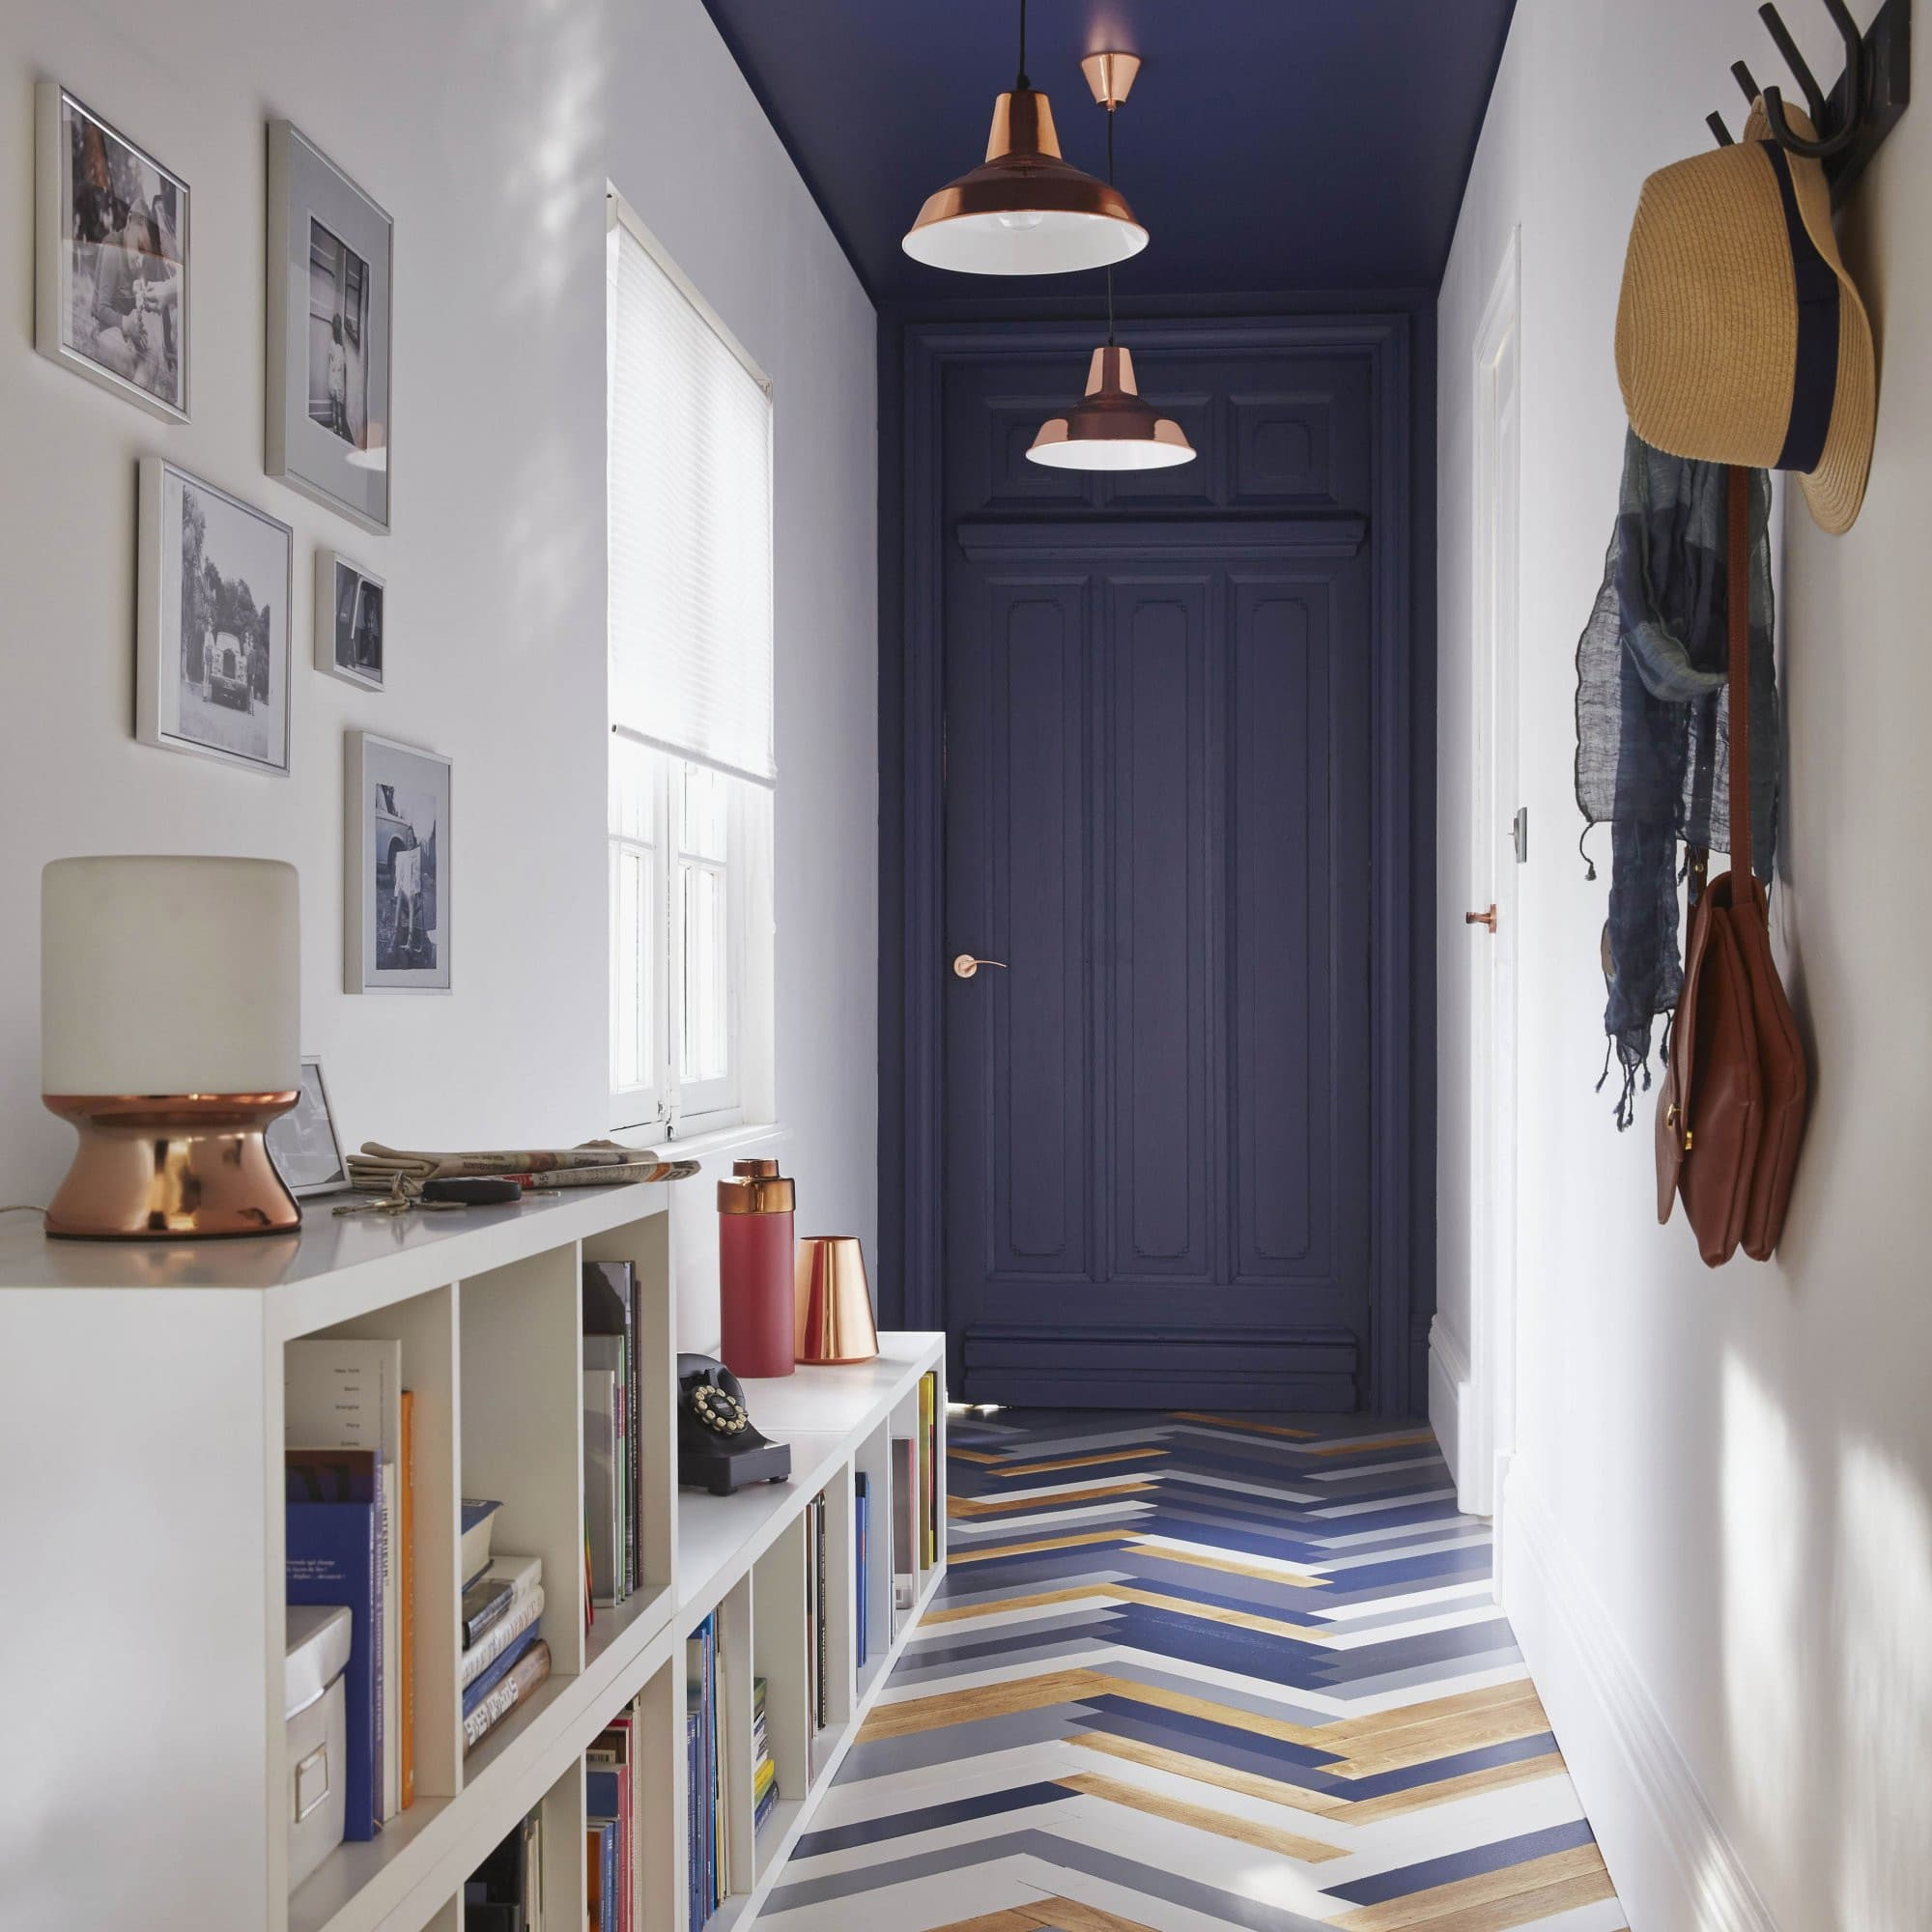 Décoration Petite Entrée Appartement comment aménager une entrée: les 3 clés du succès | délidéco